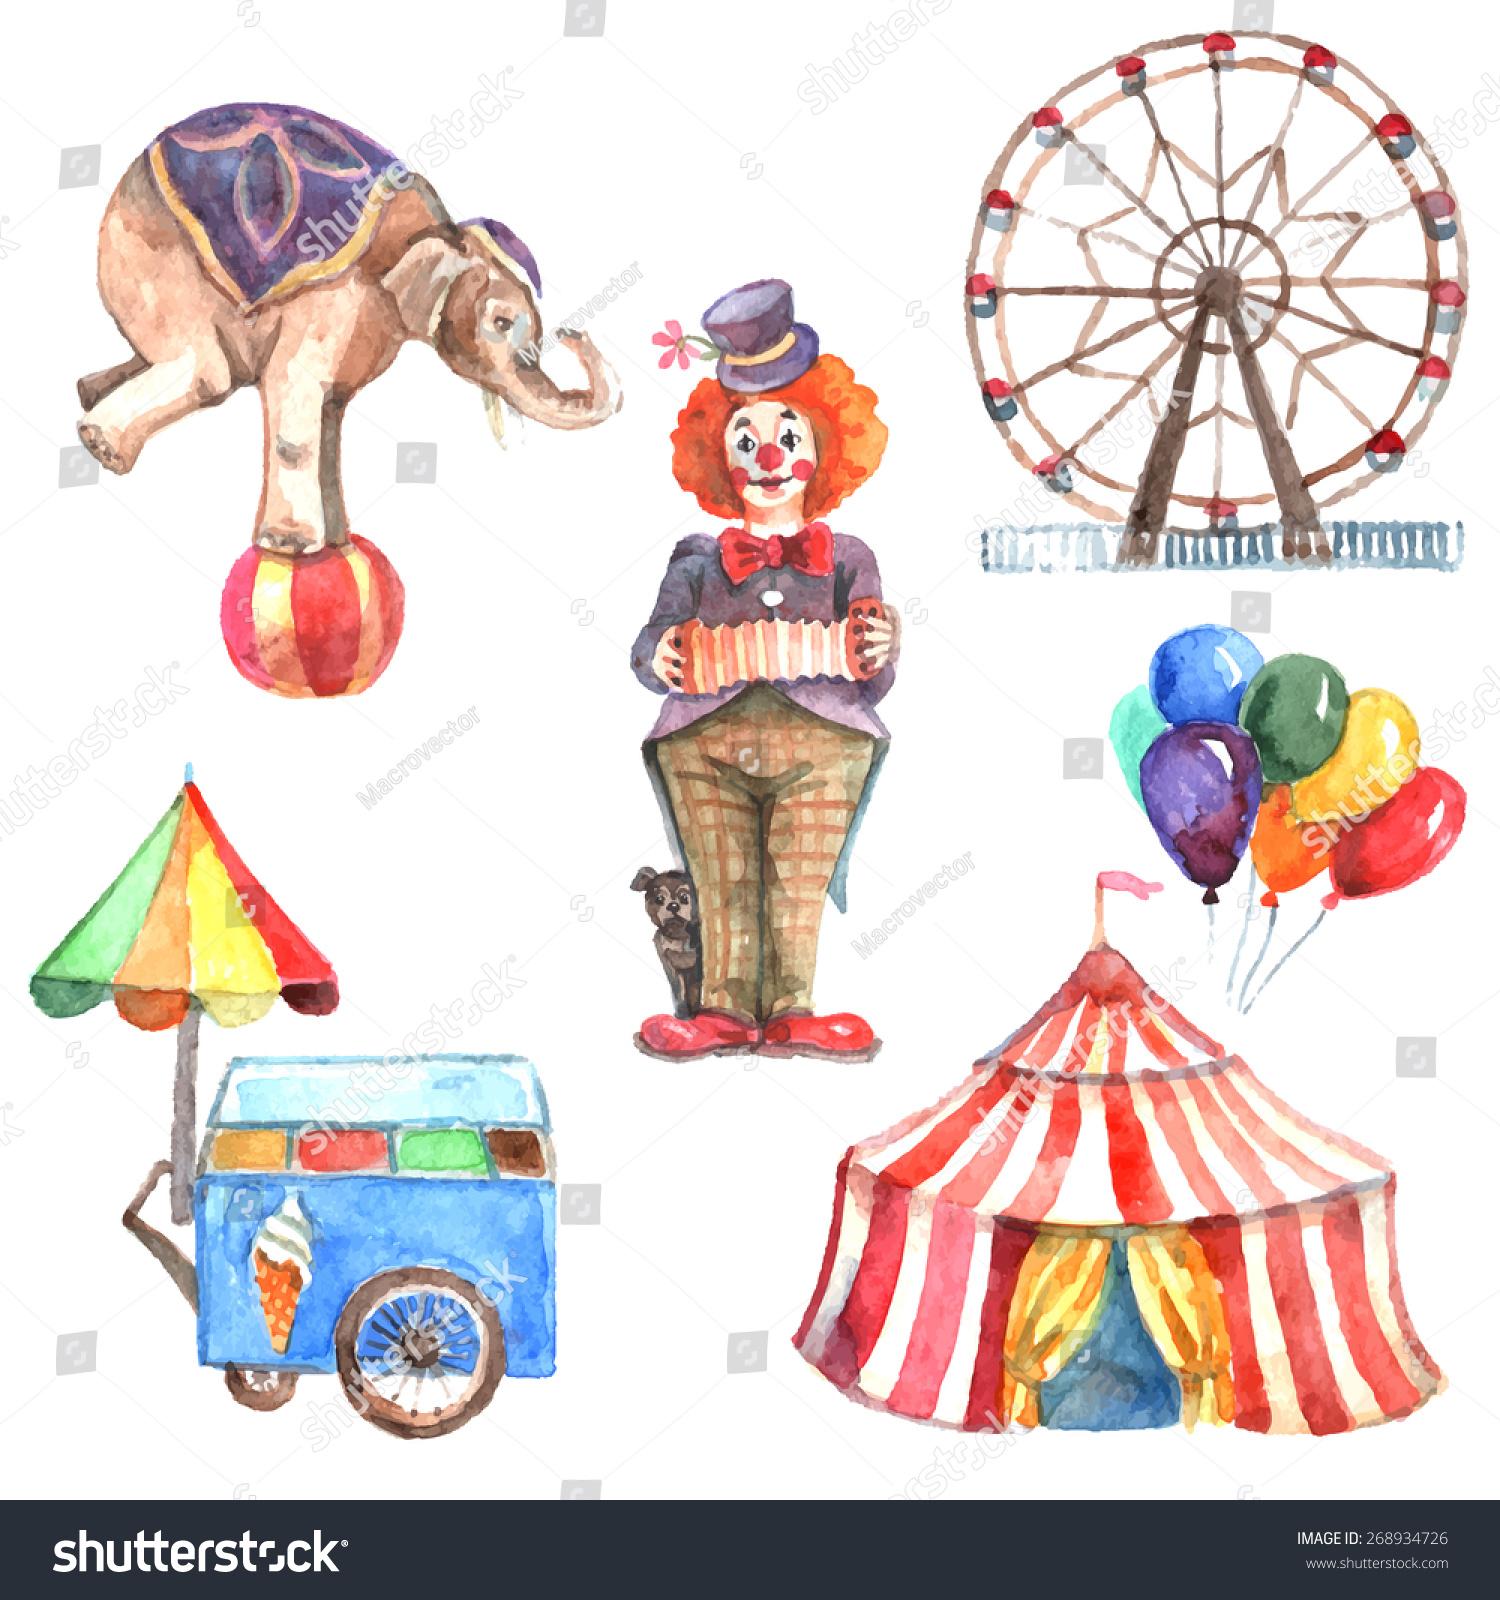 水彩画马戏团装饰的图标与大象小丑和费里斯轮孤立的